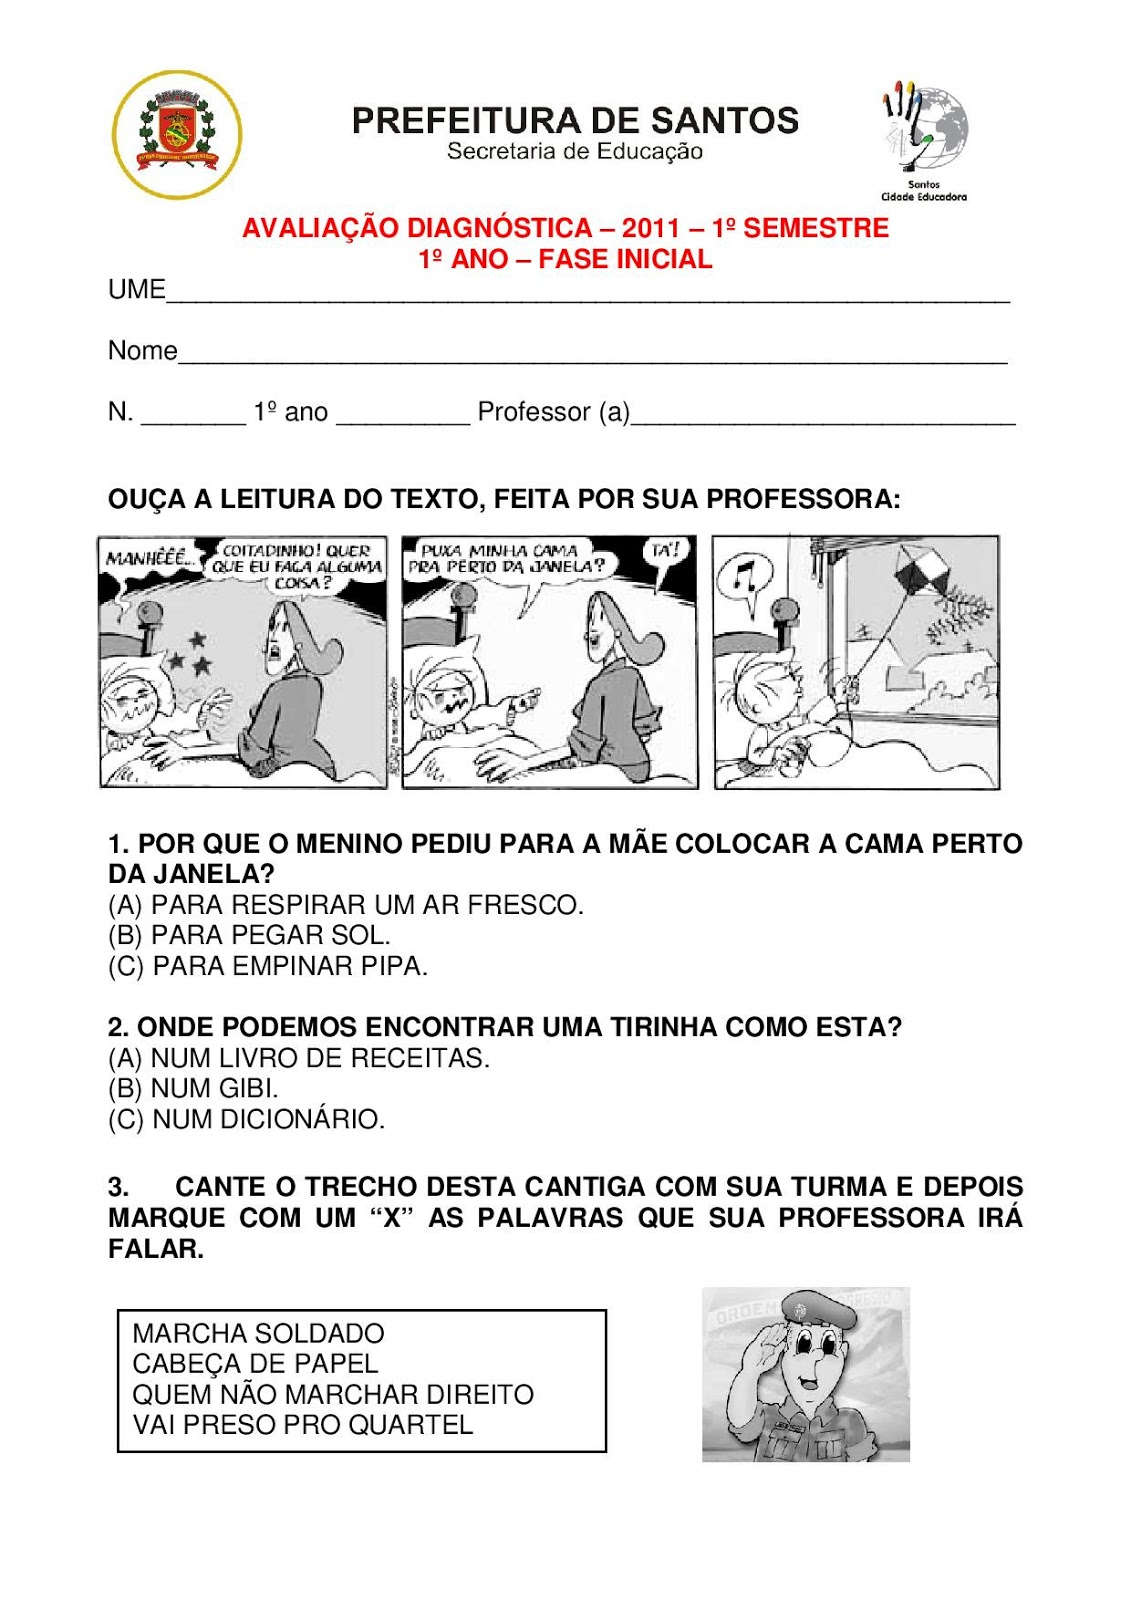 Programa brasileiro de inclusao digital 1b - 3 8